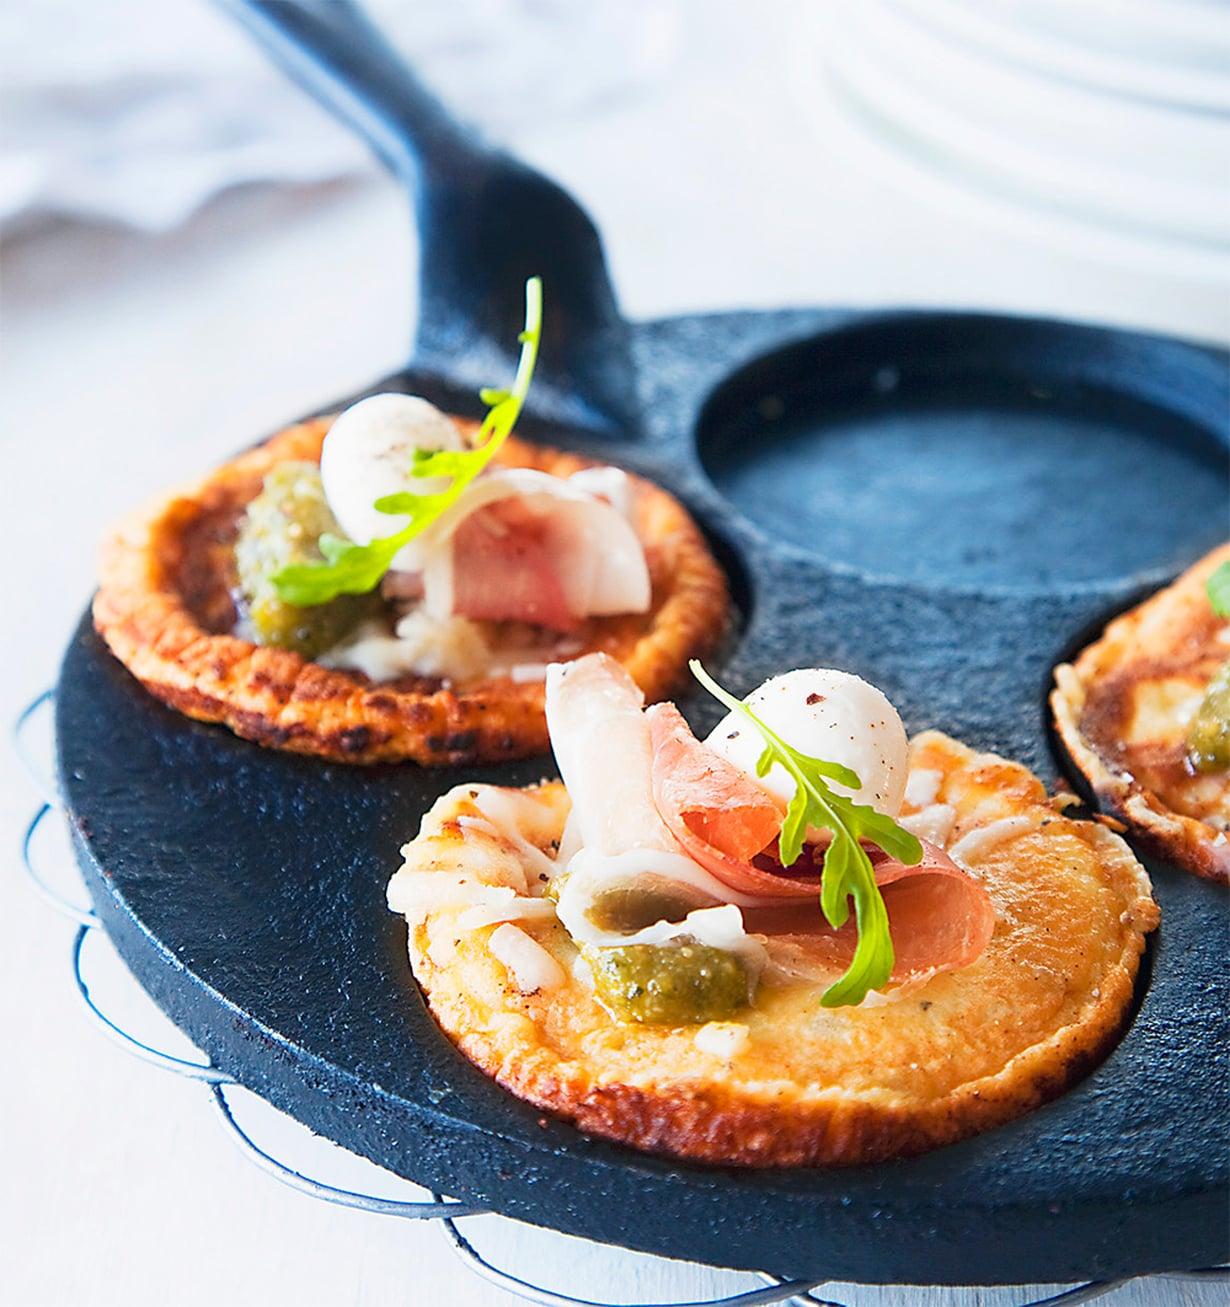 Pienet pannukakut paistetaan lettupannulla. Niiden juju on suolainen parmankinkku-pesto-mozzarellatäyte.